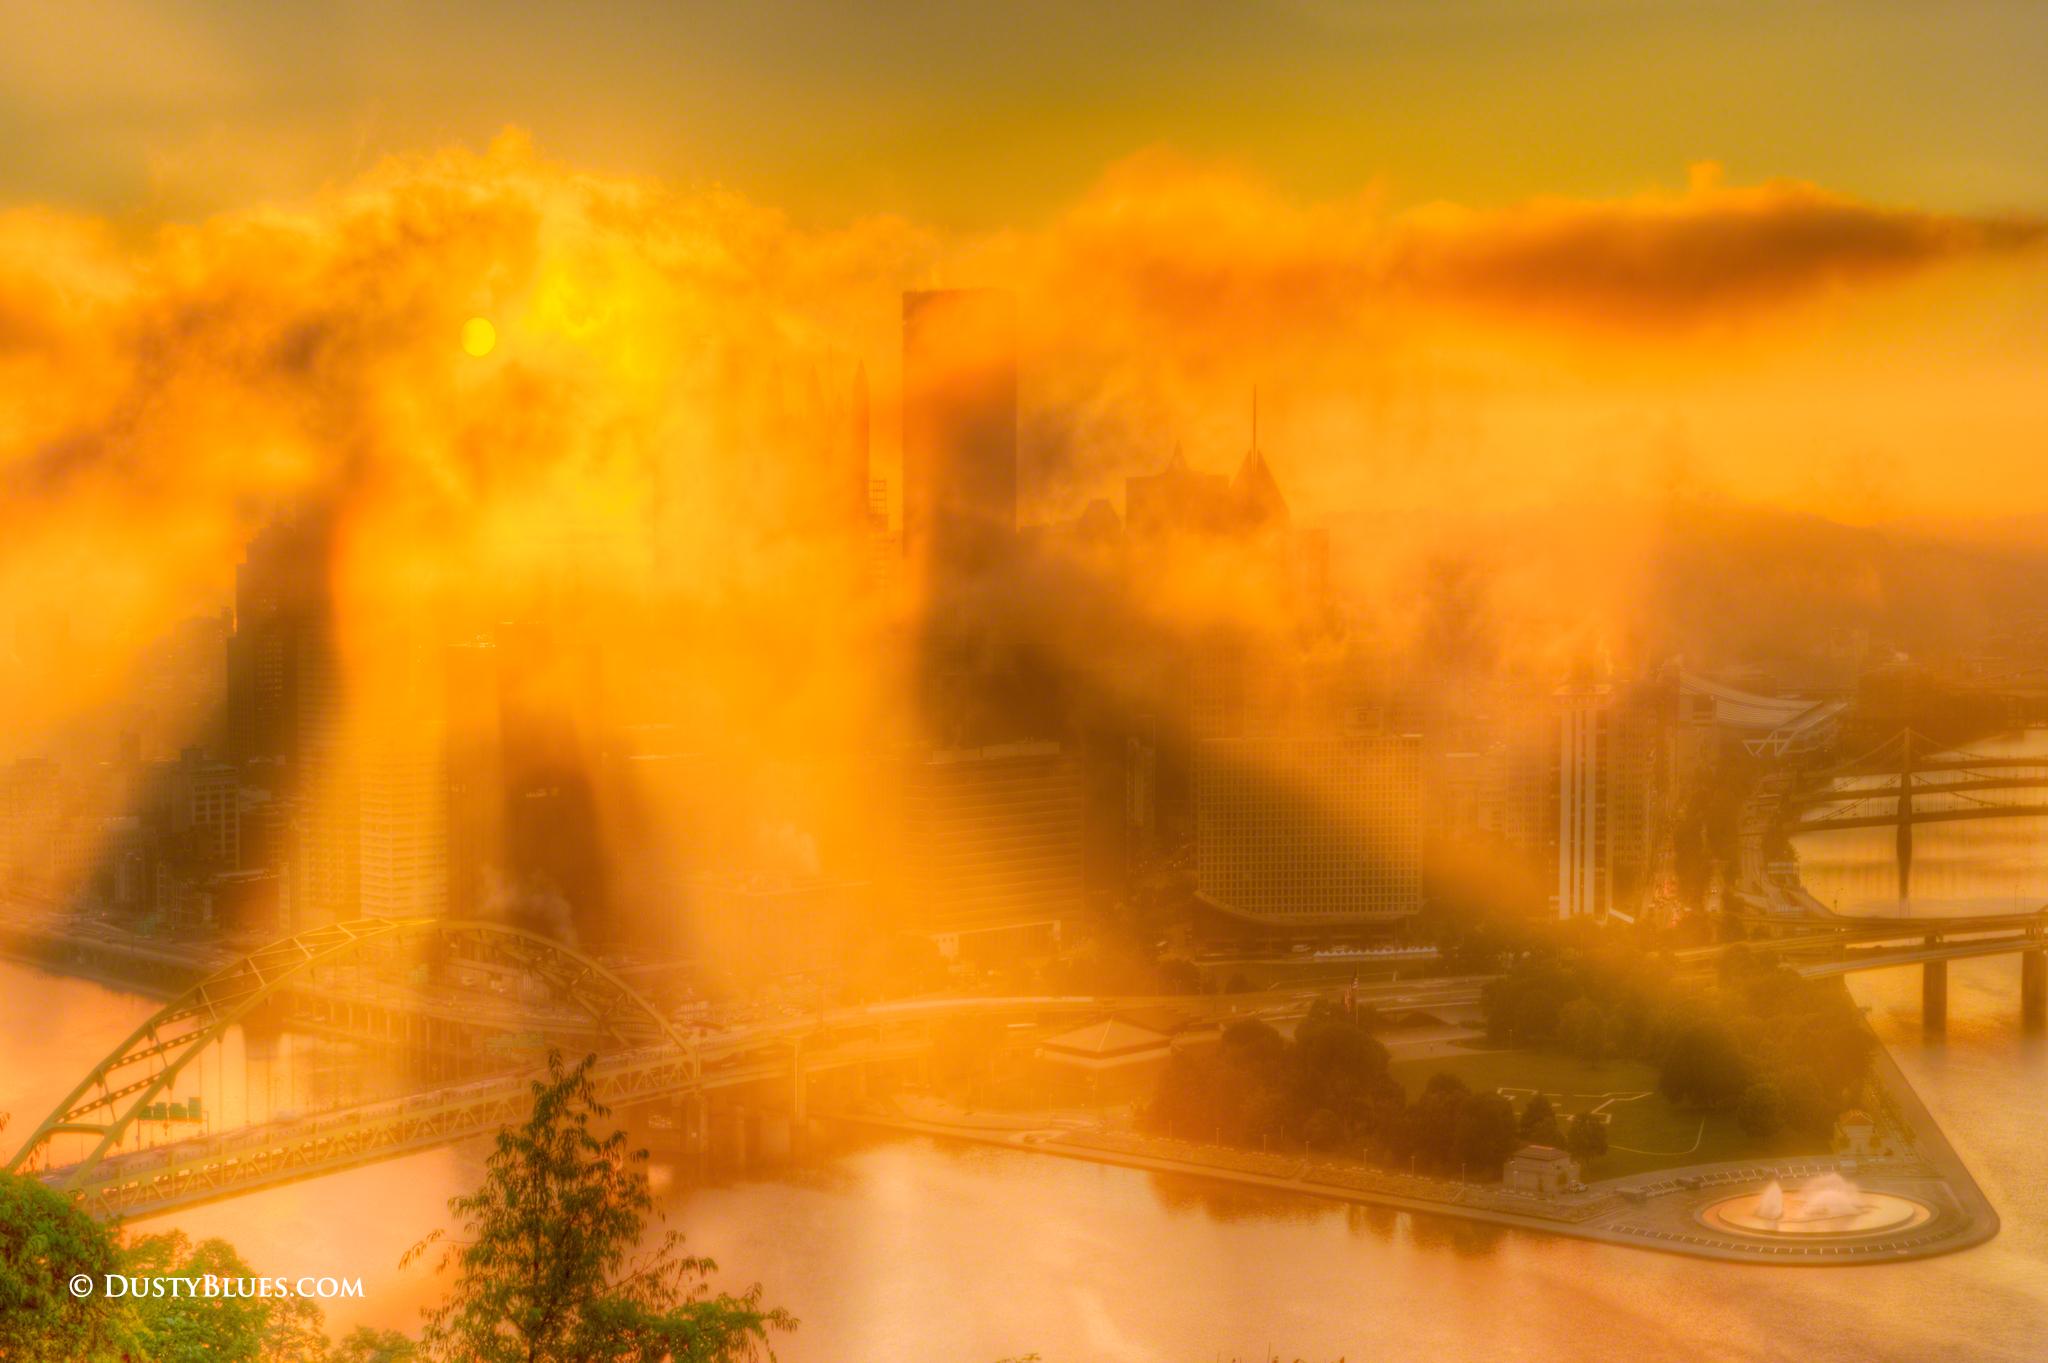 Unique Sunrise